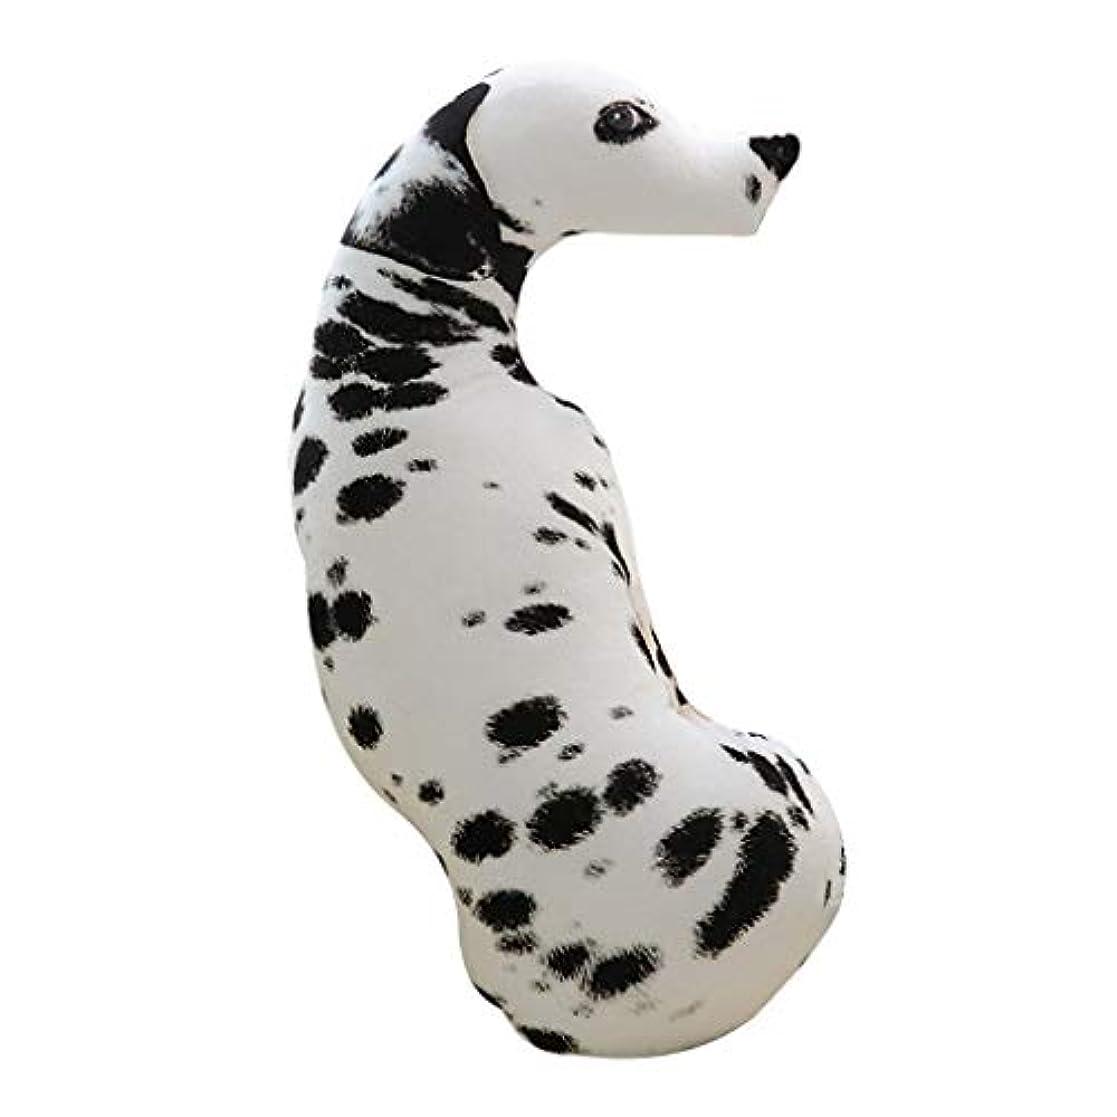 解明する意気消沈した驚くべきLIFE 装飾クッションソファおかしい 3D 犬印刷スロー枕創造クッションかわいいぬいぐるみギフト家の装飾 coussin decoratif クッション 椅子